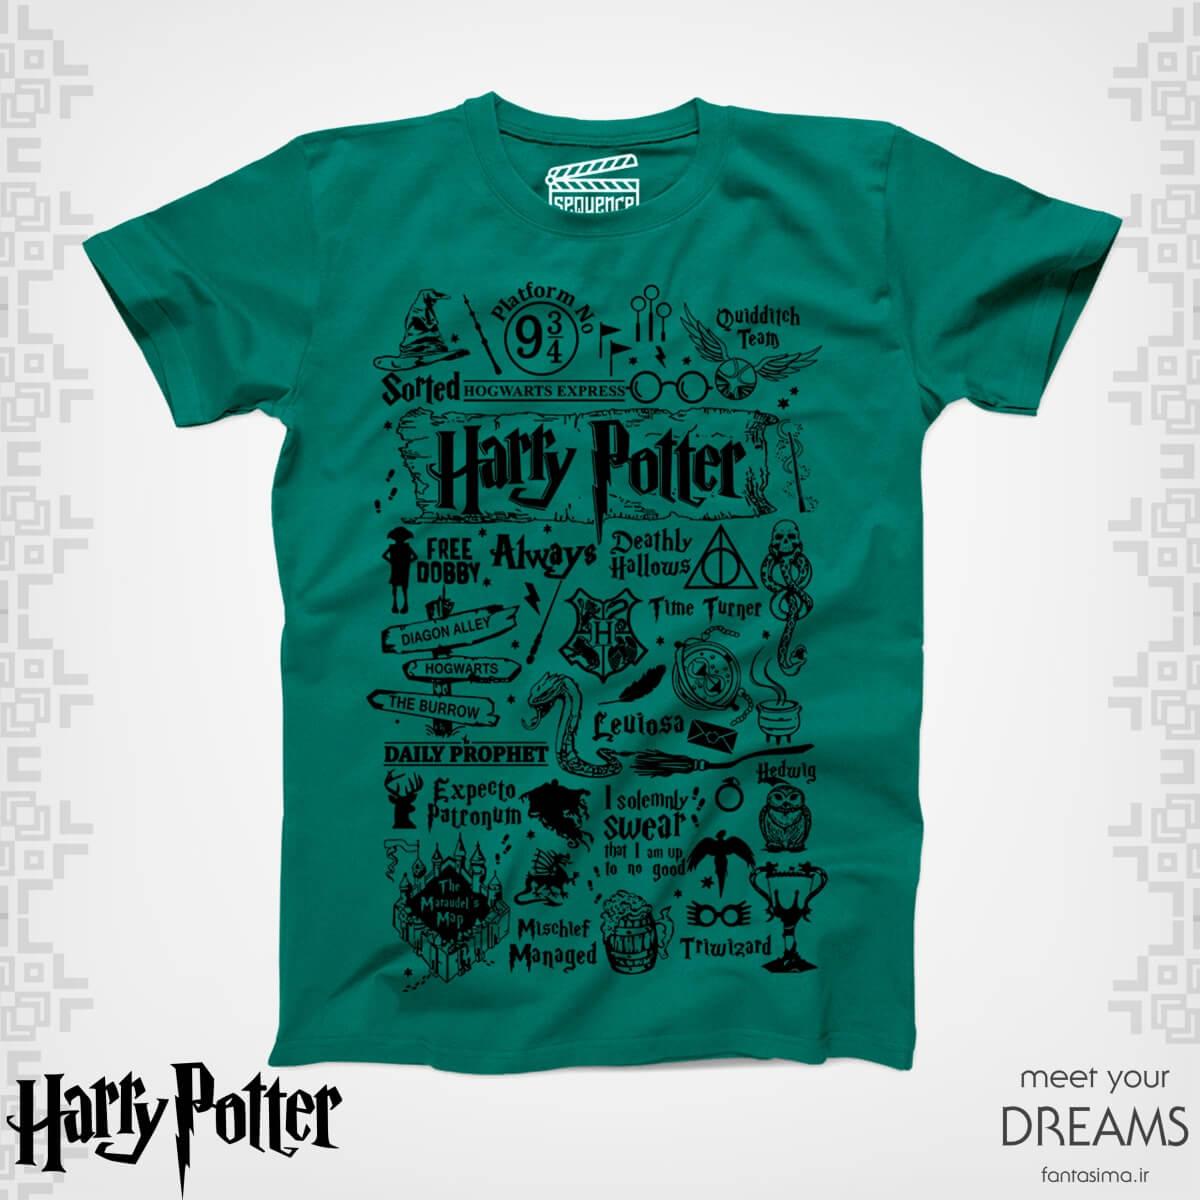 تیشرت سبز نمادهای هری پاتر